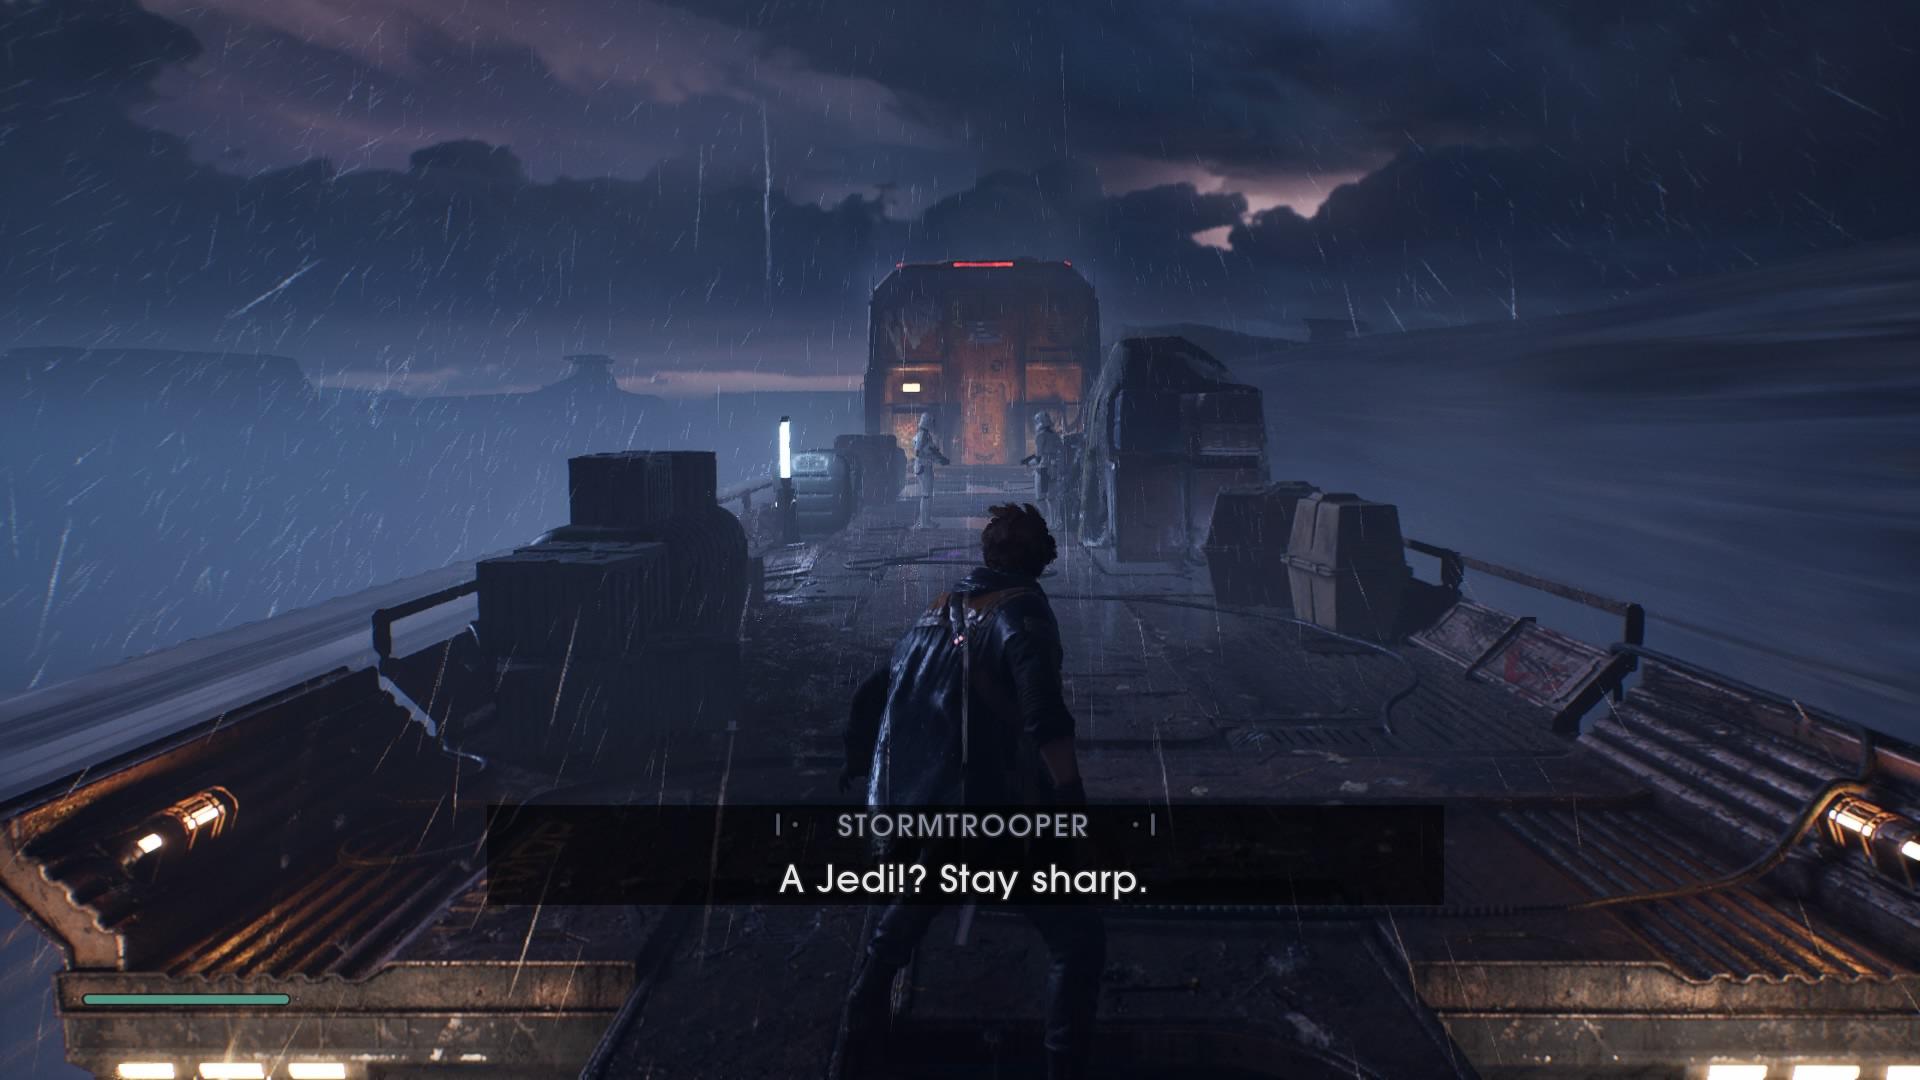 Protagonistovi ide po krku celé Impérium.